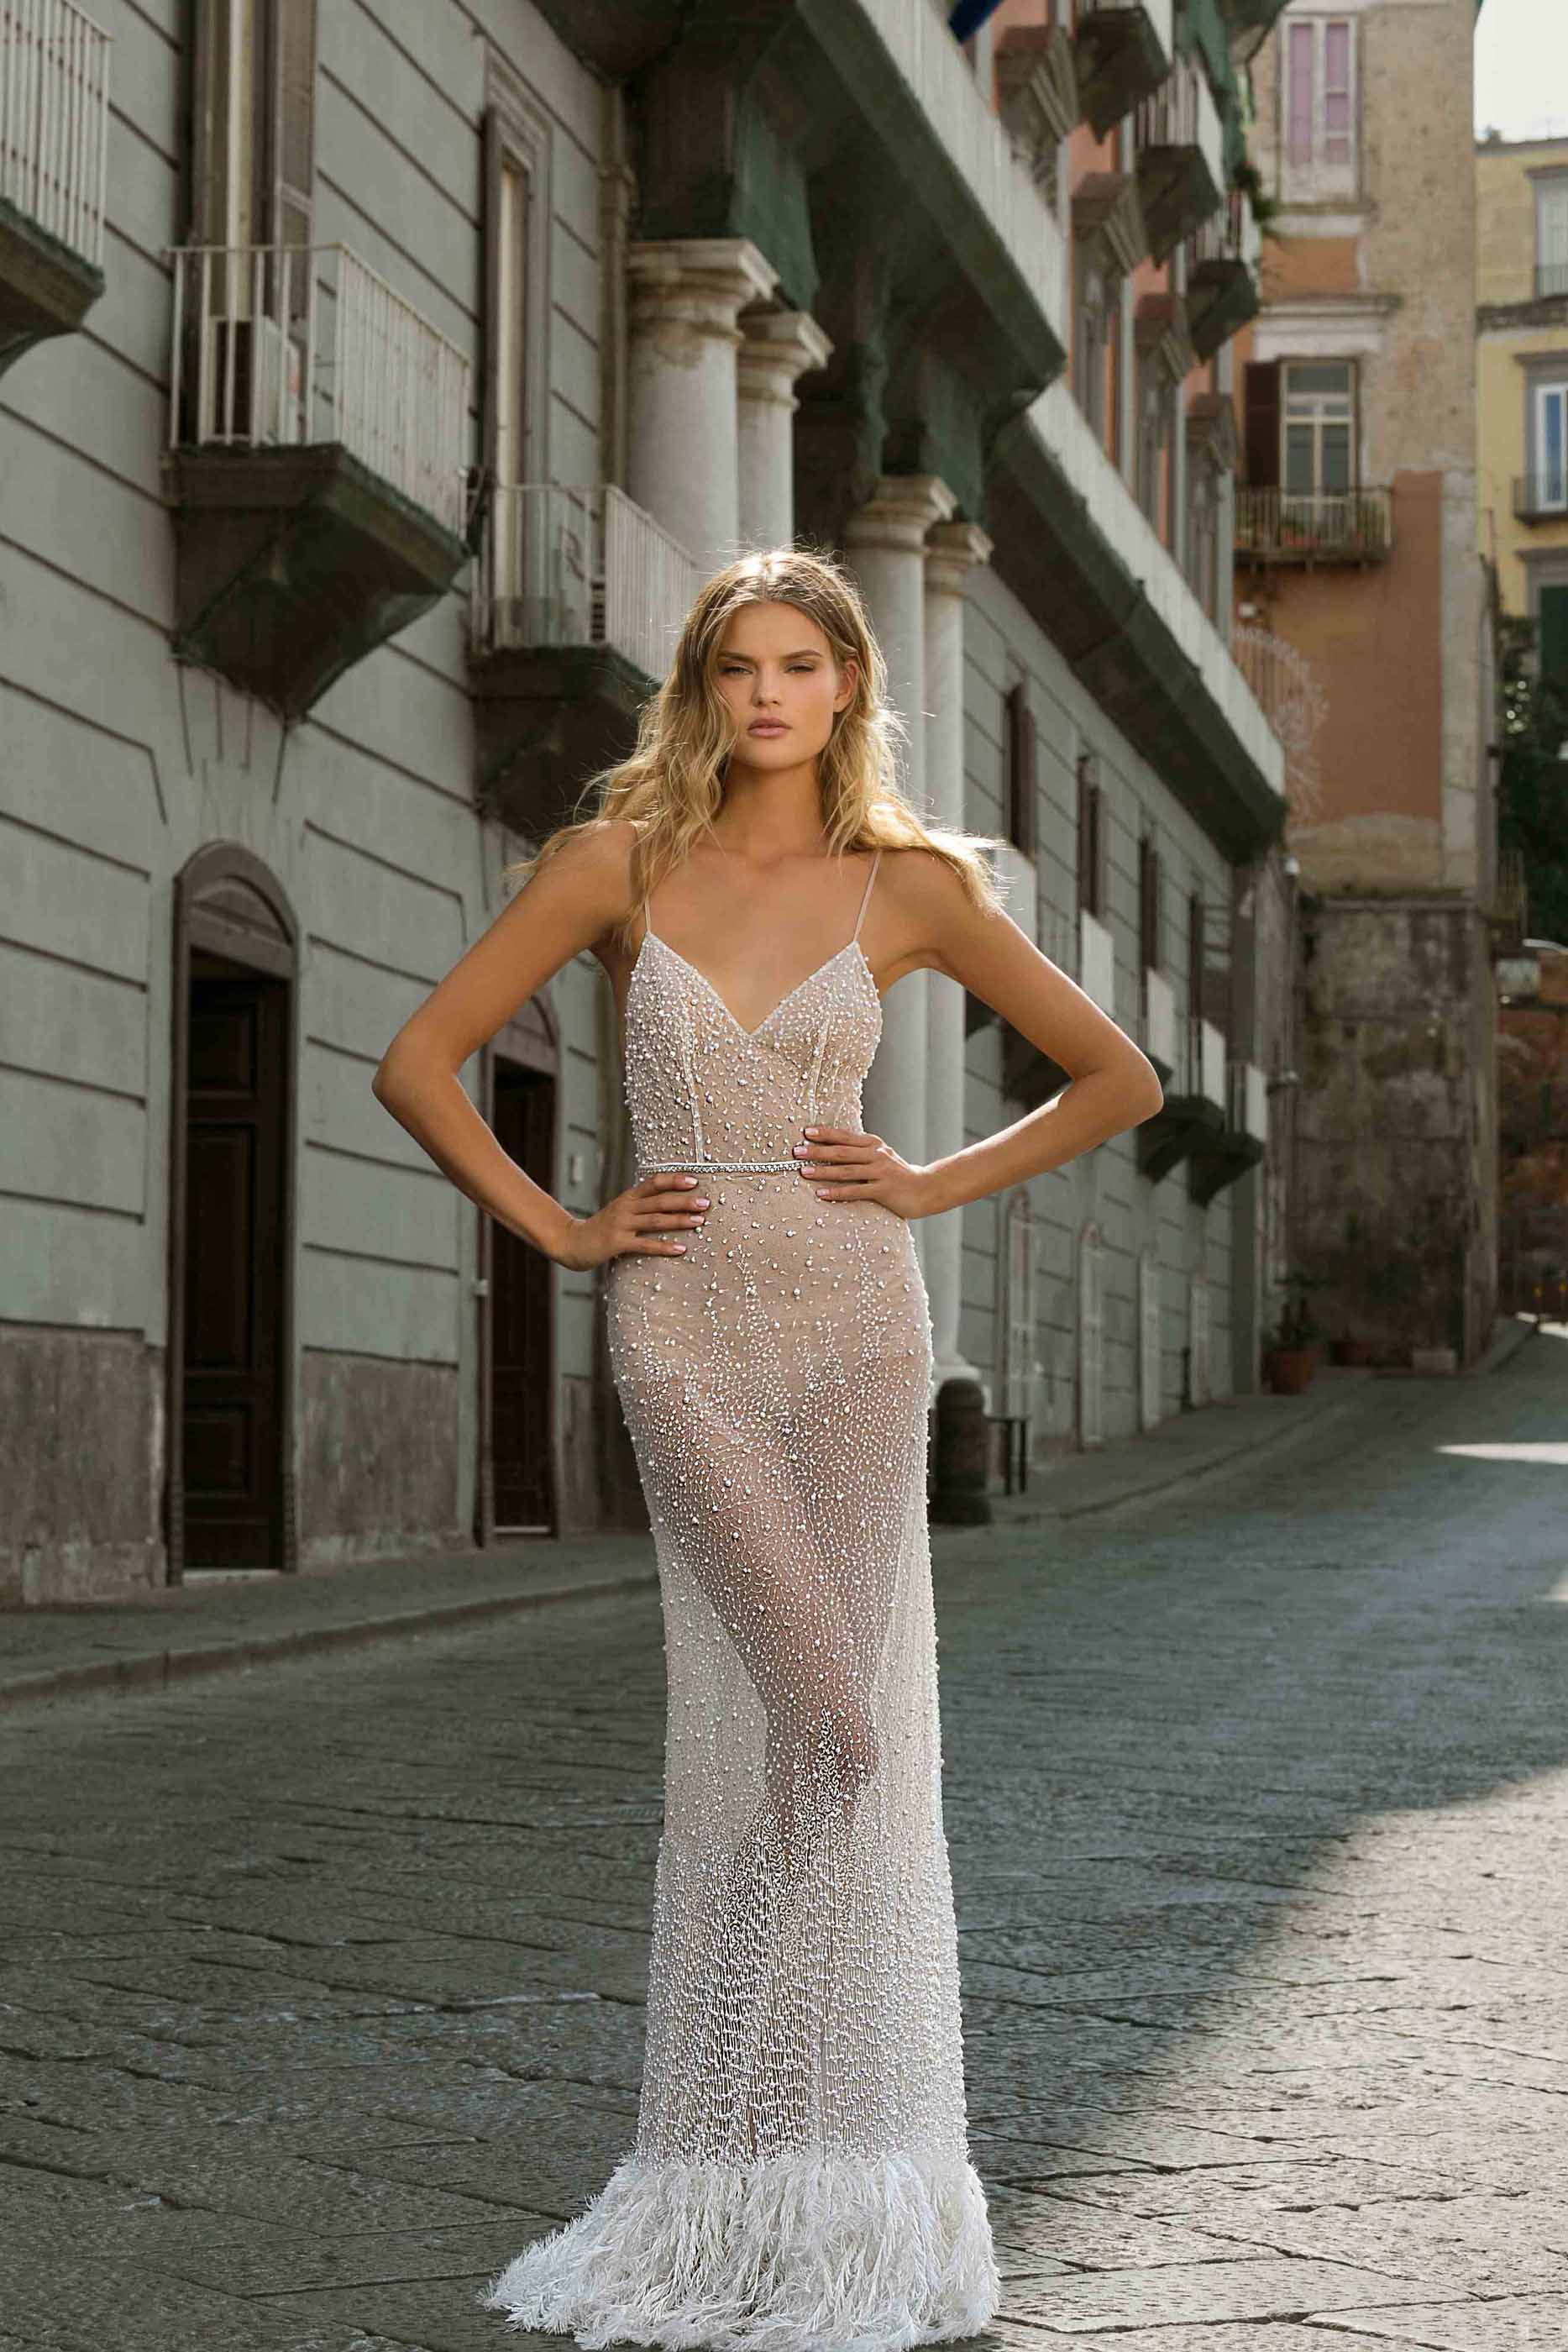 Goldene Brautkleider: So schön sind die Trend-Kleider 20